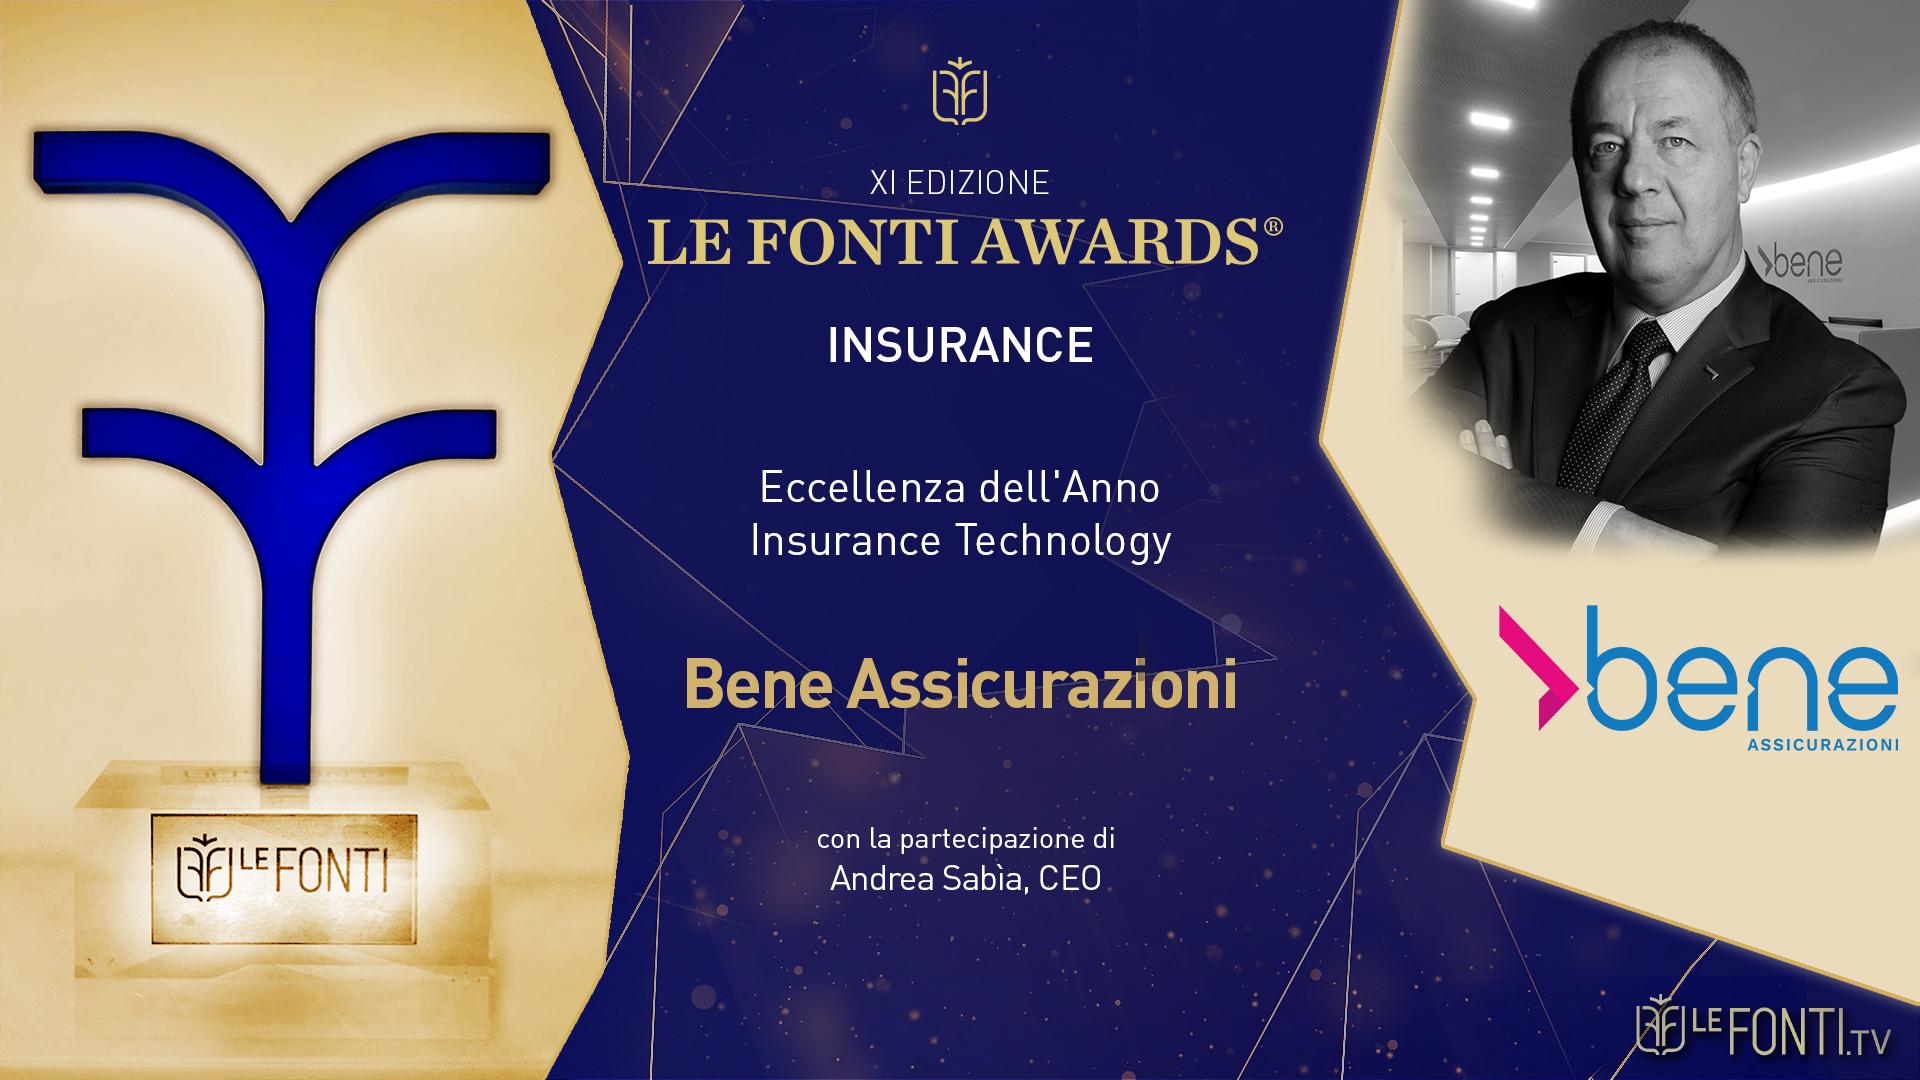 Bene_Assicurazioni_Eccellenza_dellanno_Insurance_Technology_2021